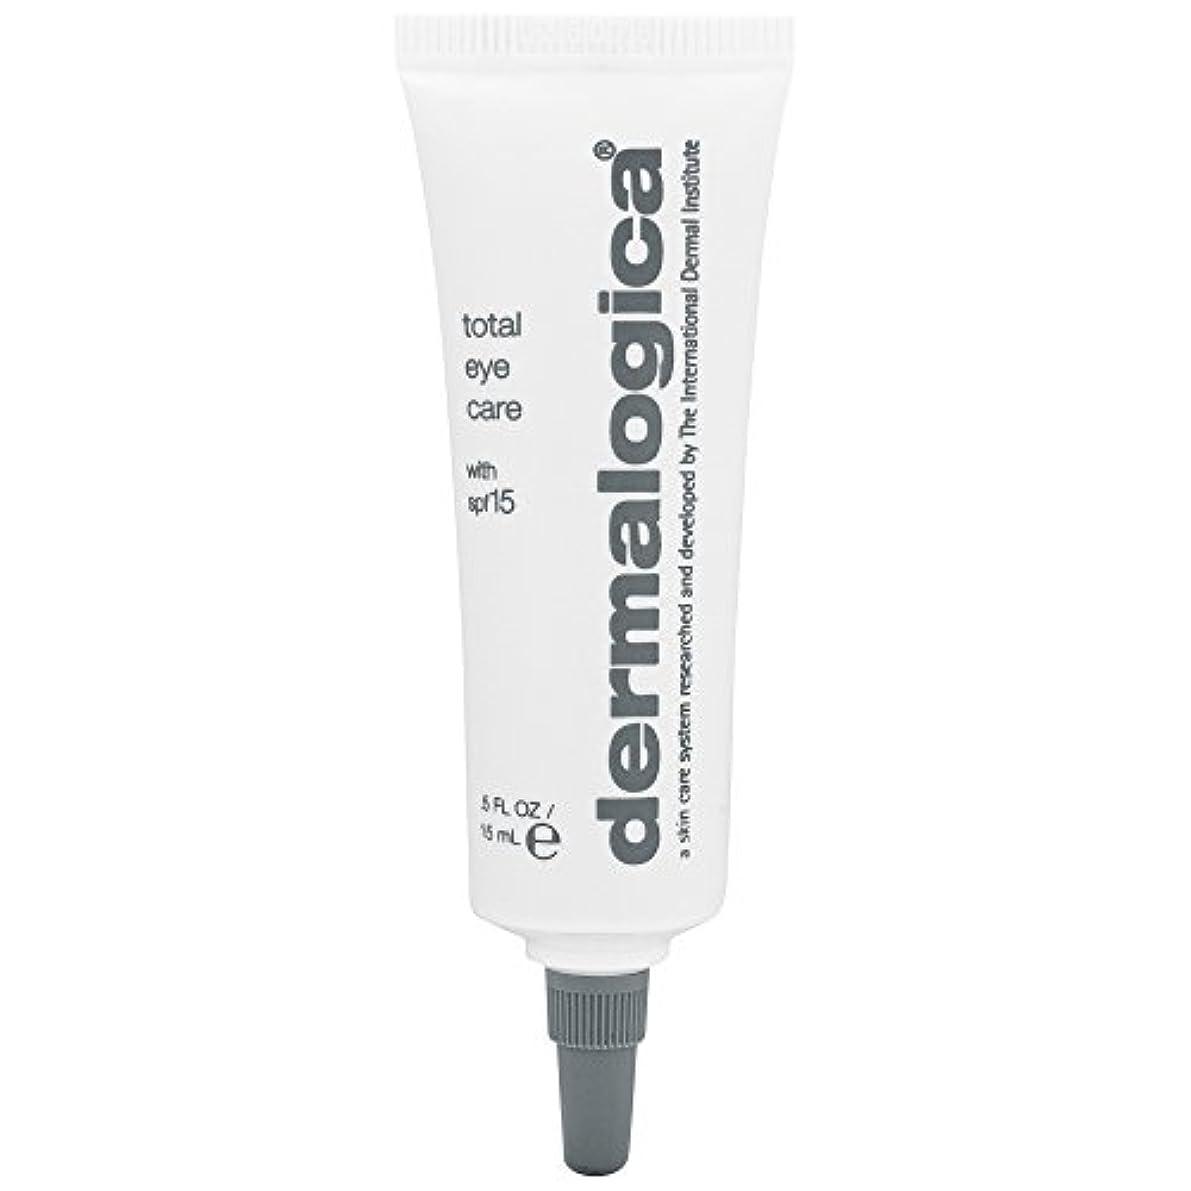 黒人れる悲しむダーマロジカ総目のケアSpf 15 15ミリリットル (Dermalogica) (x6) - Dermalogica Total Eye Care SPF 15 15ml (Pack of 6) [並行輸入品]